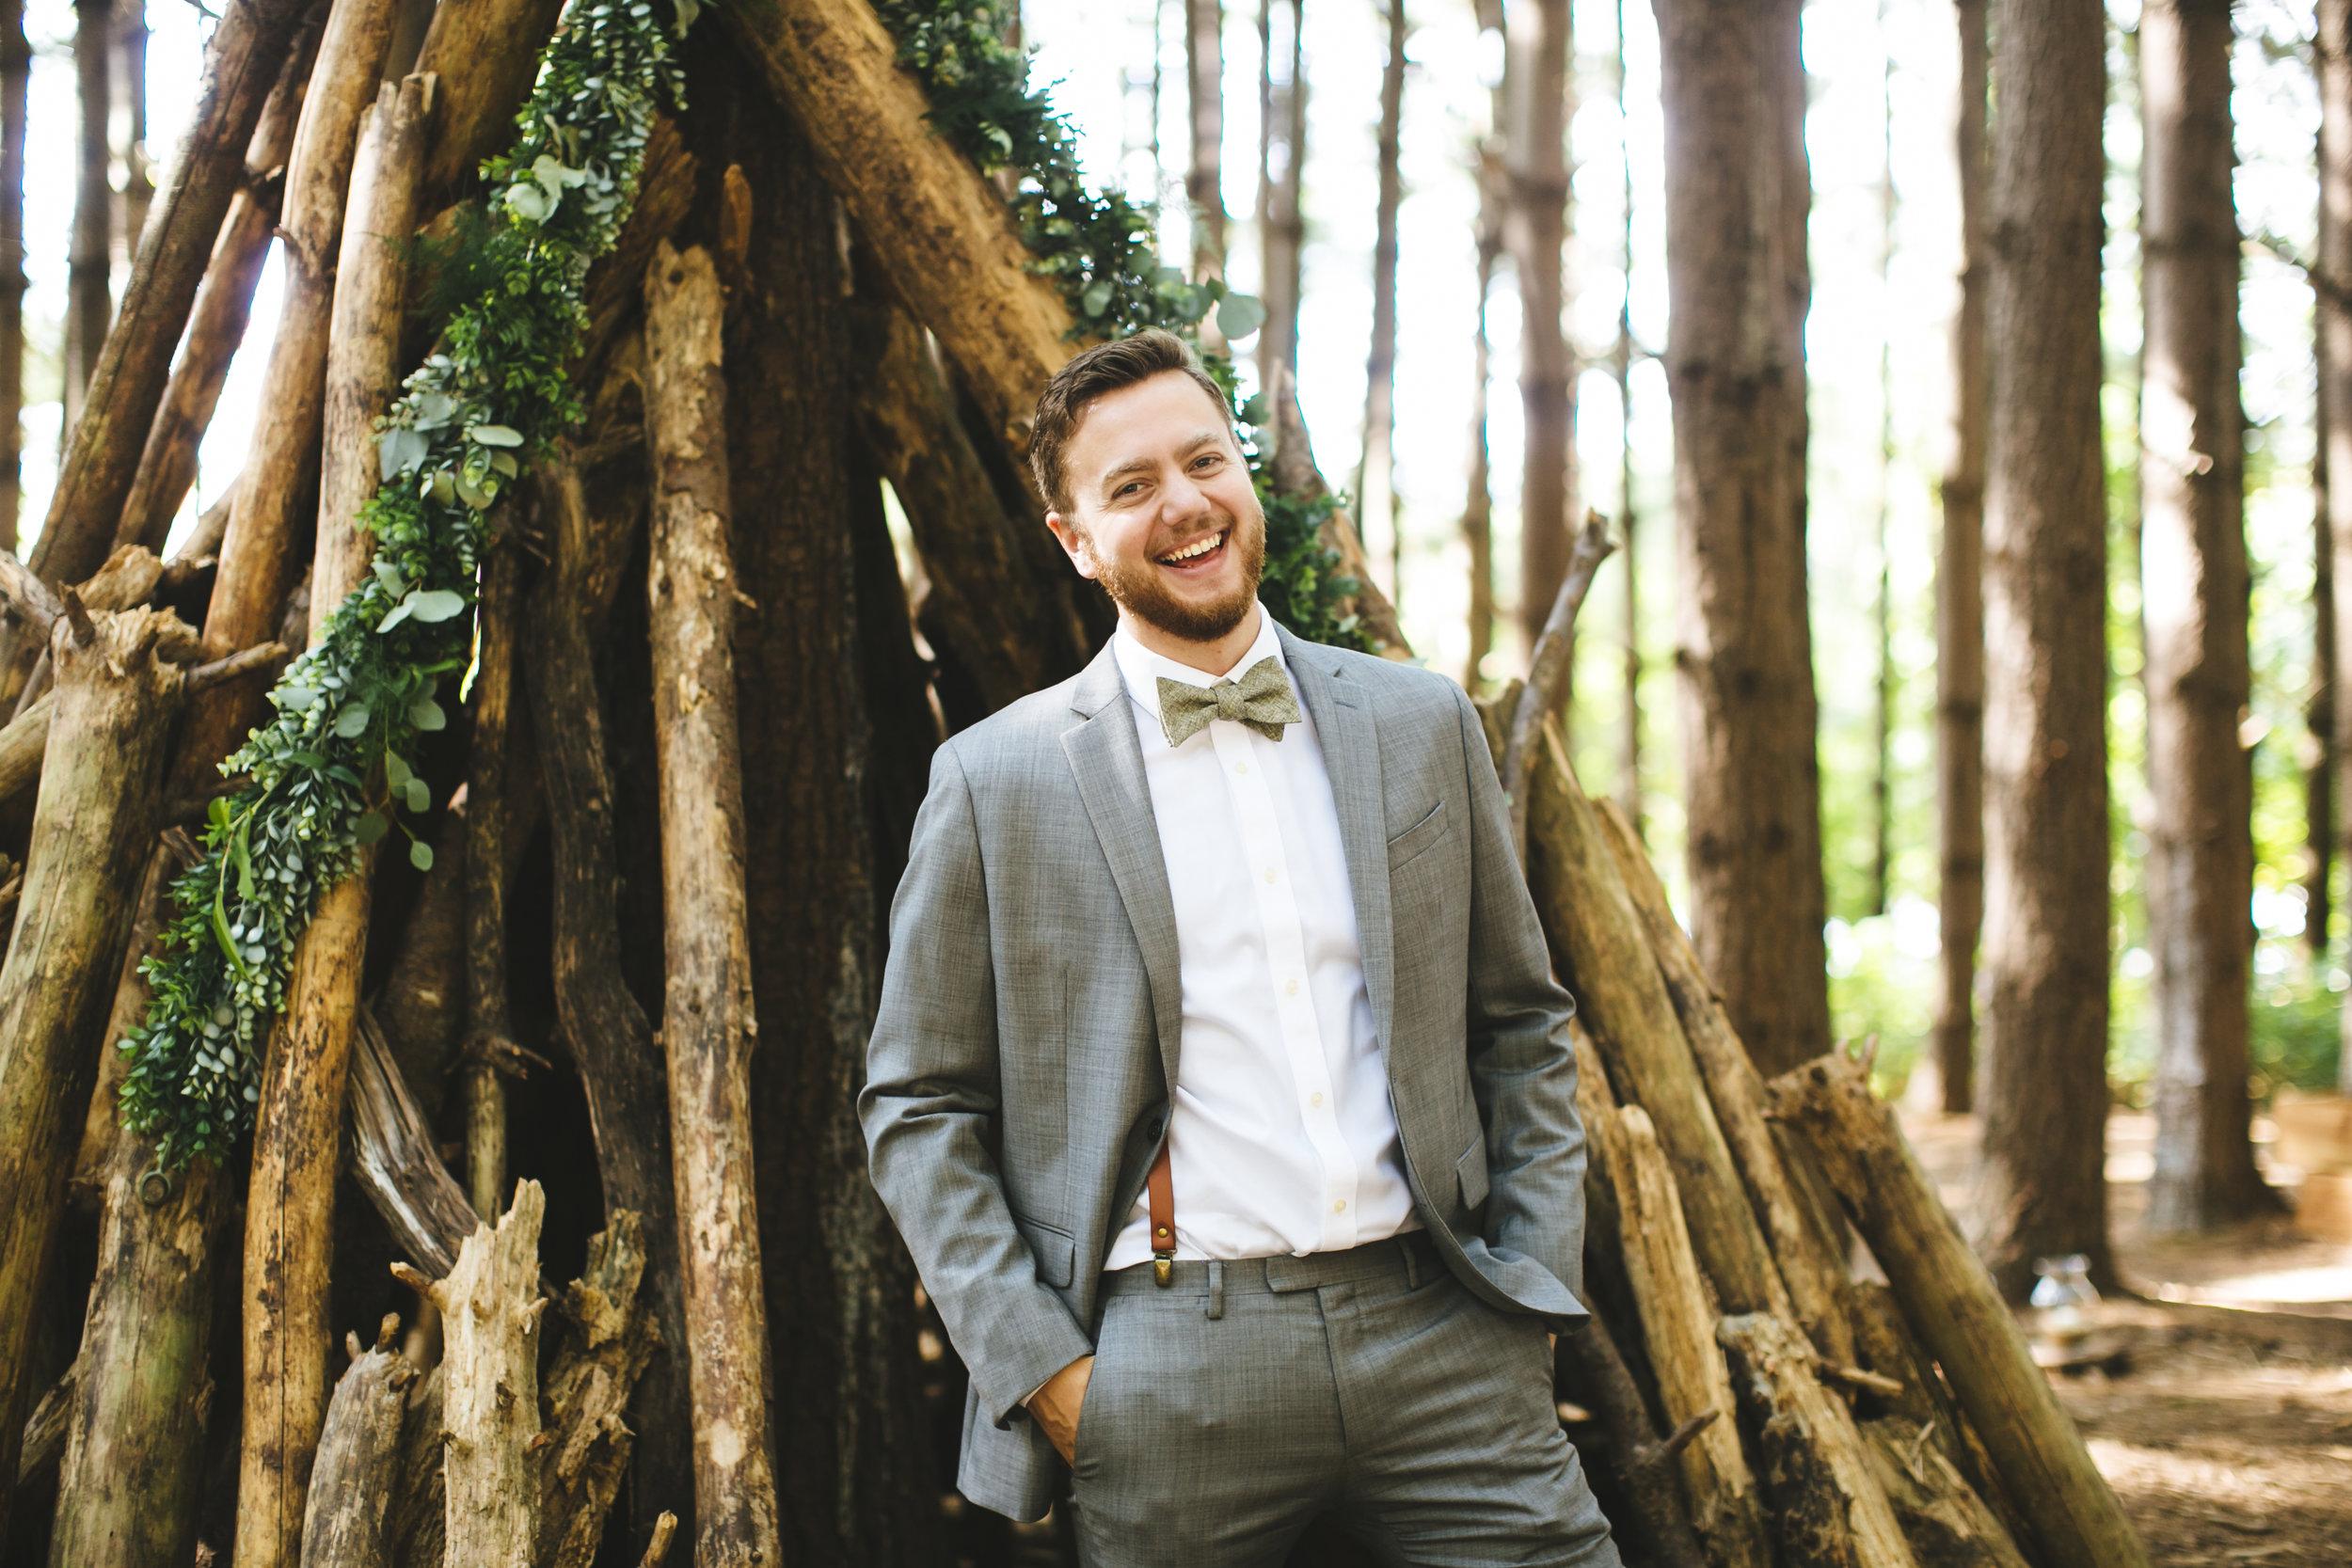 wedding__0052.jpg